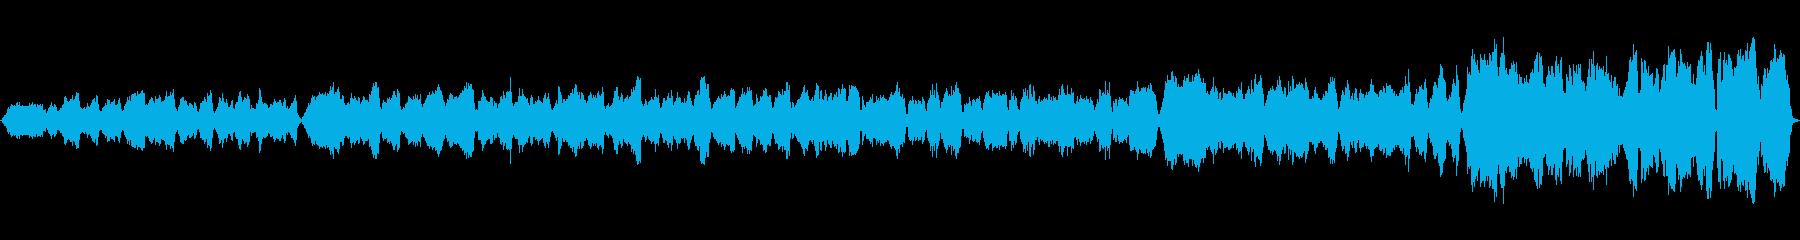 大きく荘厳な宮殿を表したストリングス曲の再生済みの波形